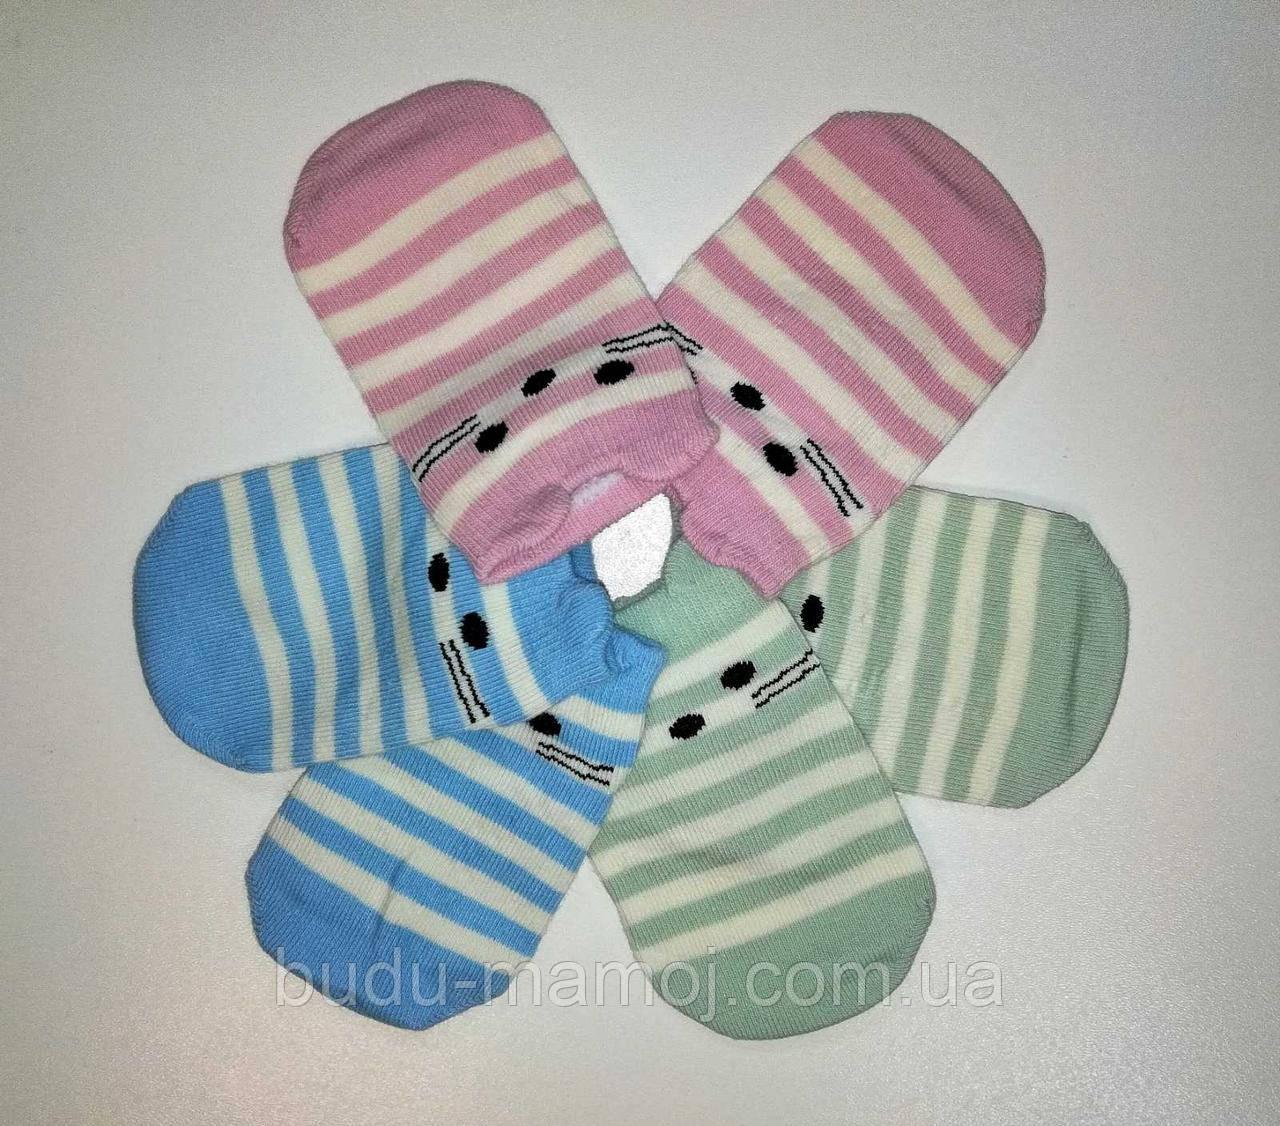 Детские носки  хорошее качество Хлопок для новорожденных 0-6 месяцев